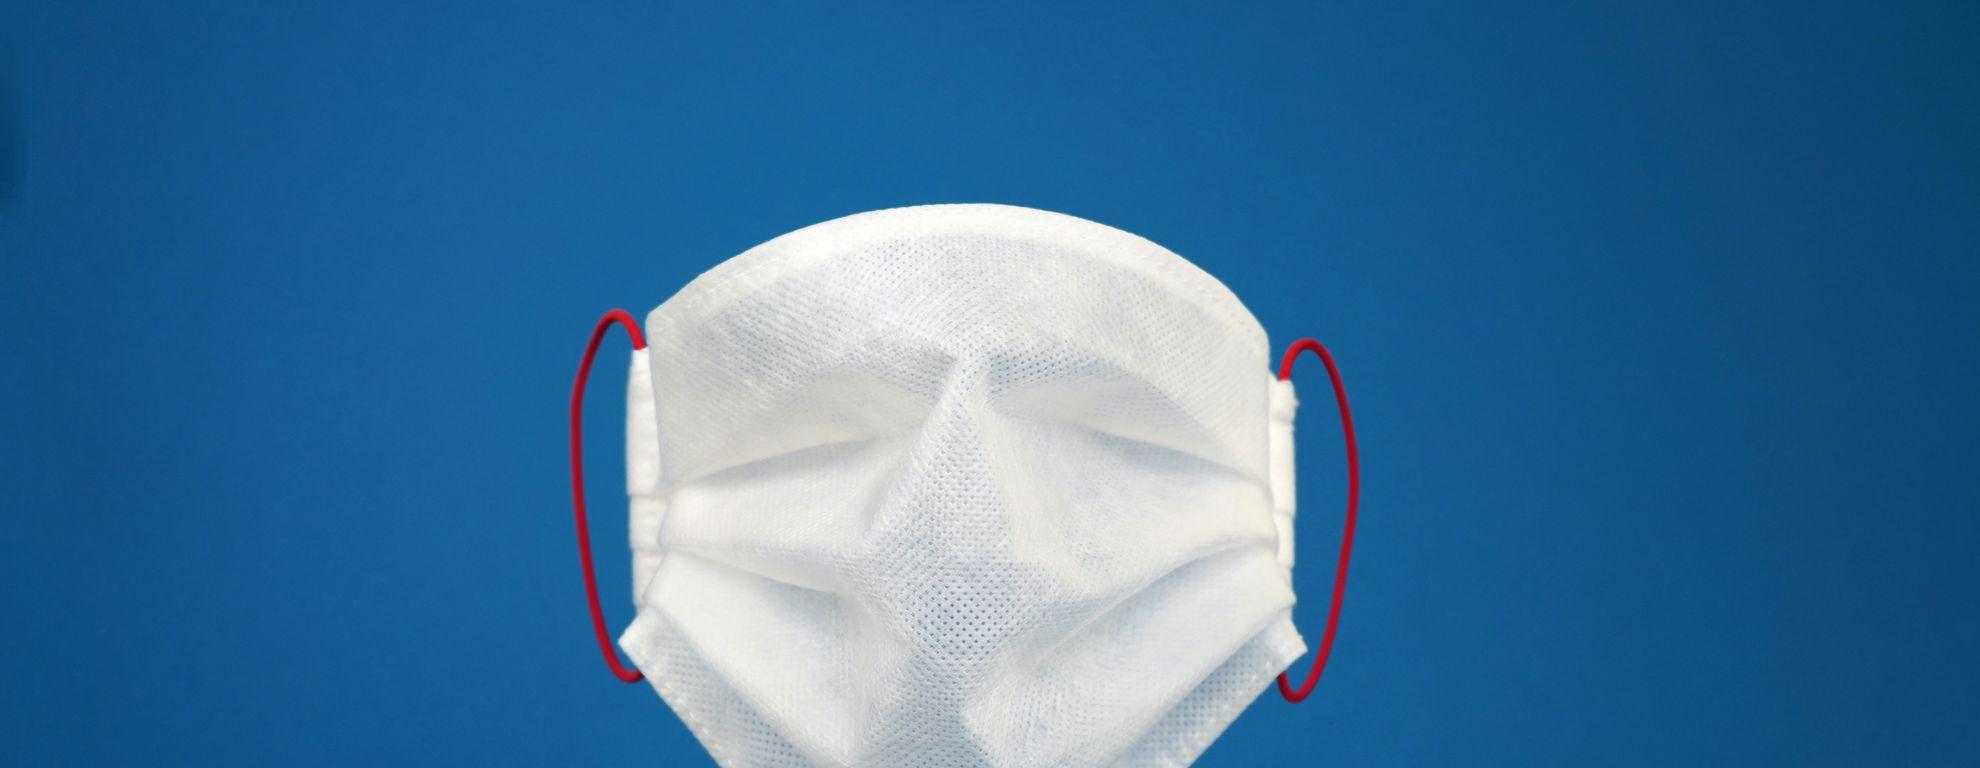 Las 10 enfermedades respiratorias más frecuentes - Featured image